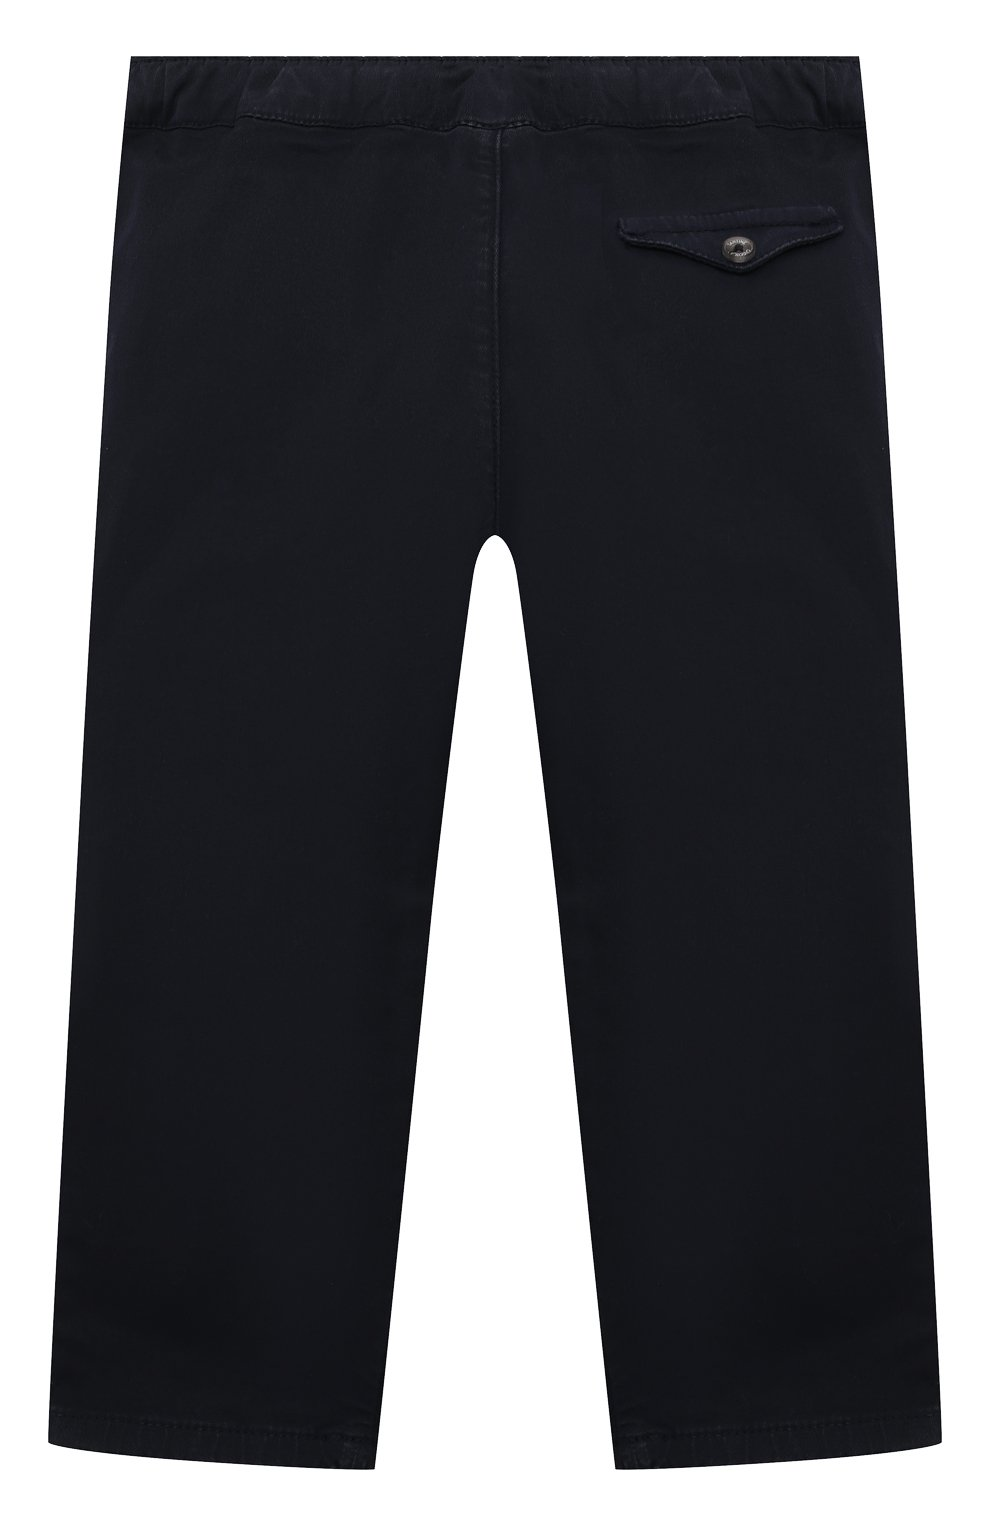 Детские хлопковые брюки TARTINE ET CHOCOLAT темно-синего цвета, арт. TS22051/18M-3A | Фото 2 (Материал внешний: Хлопок; Ростовка одежда: 18 мес | 86 см, 24 мес | 92 см, 36 мес | 98 см)